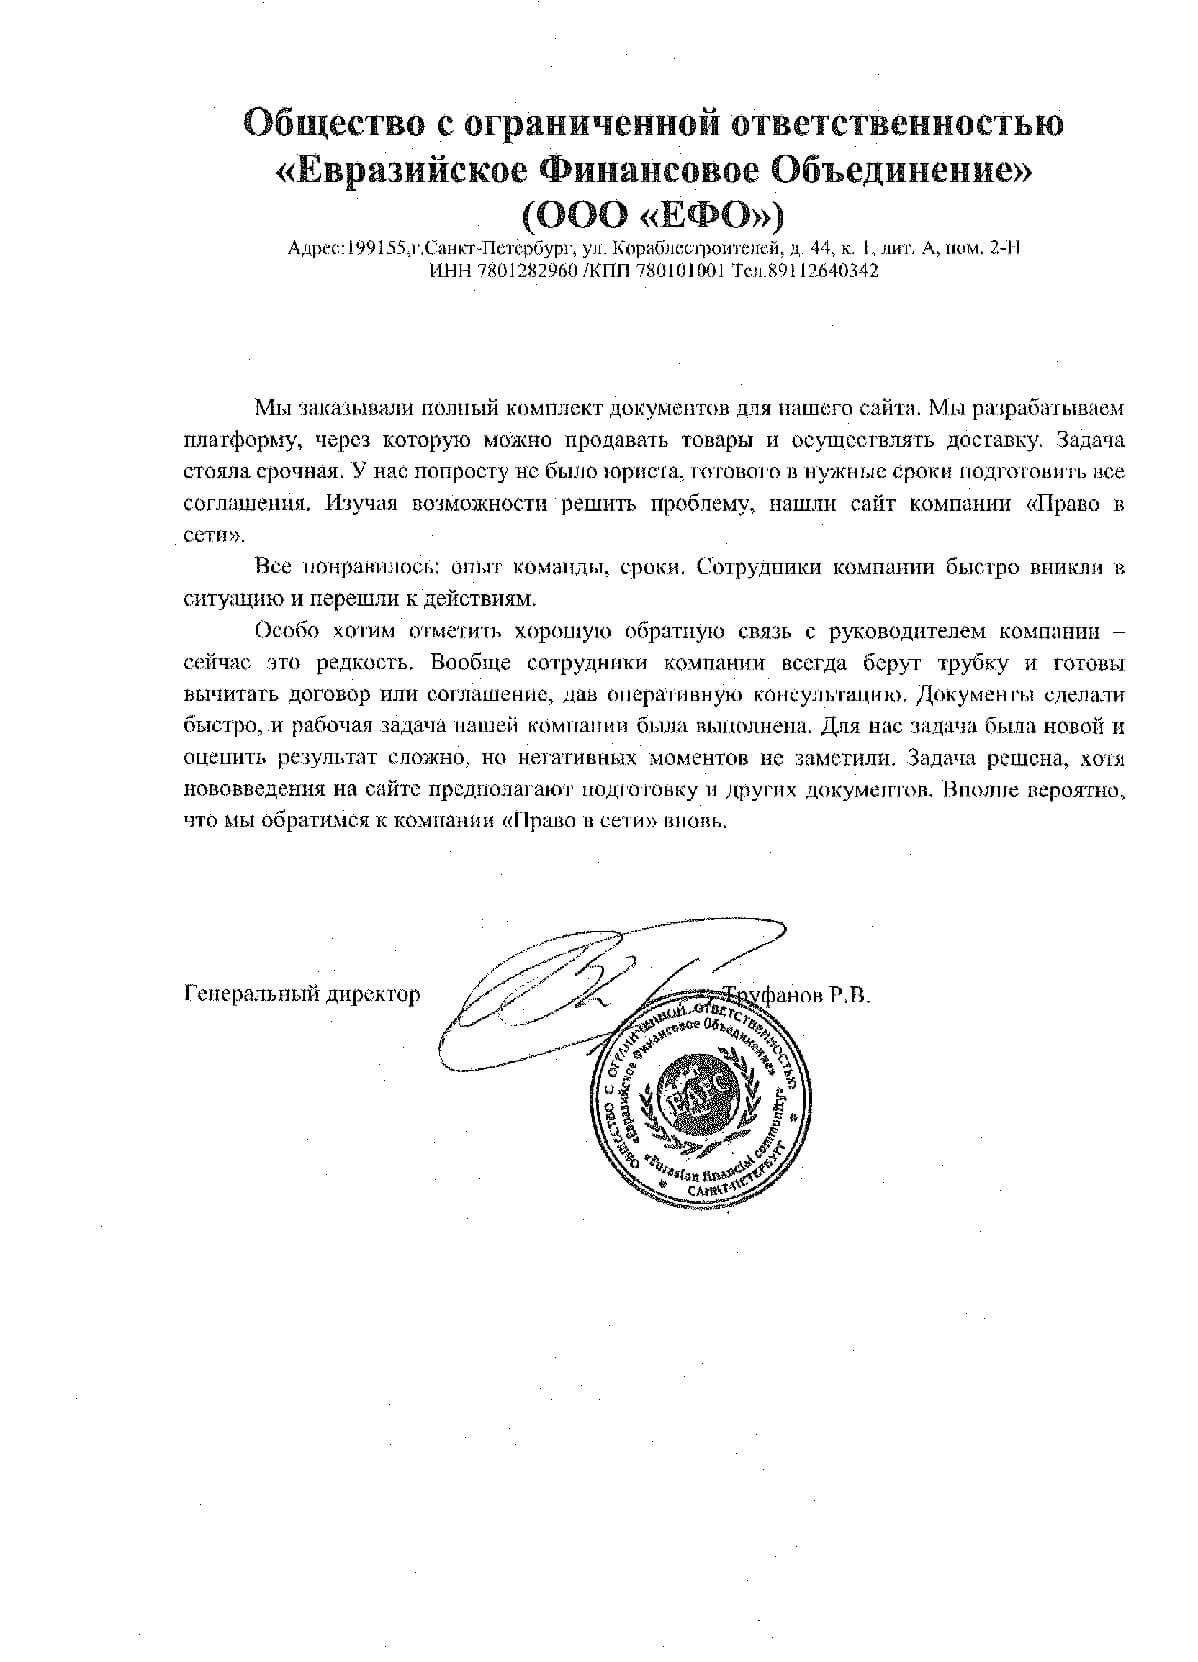 отзыв о подготовке документов на сайт ЕФО